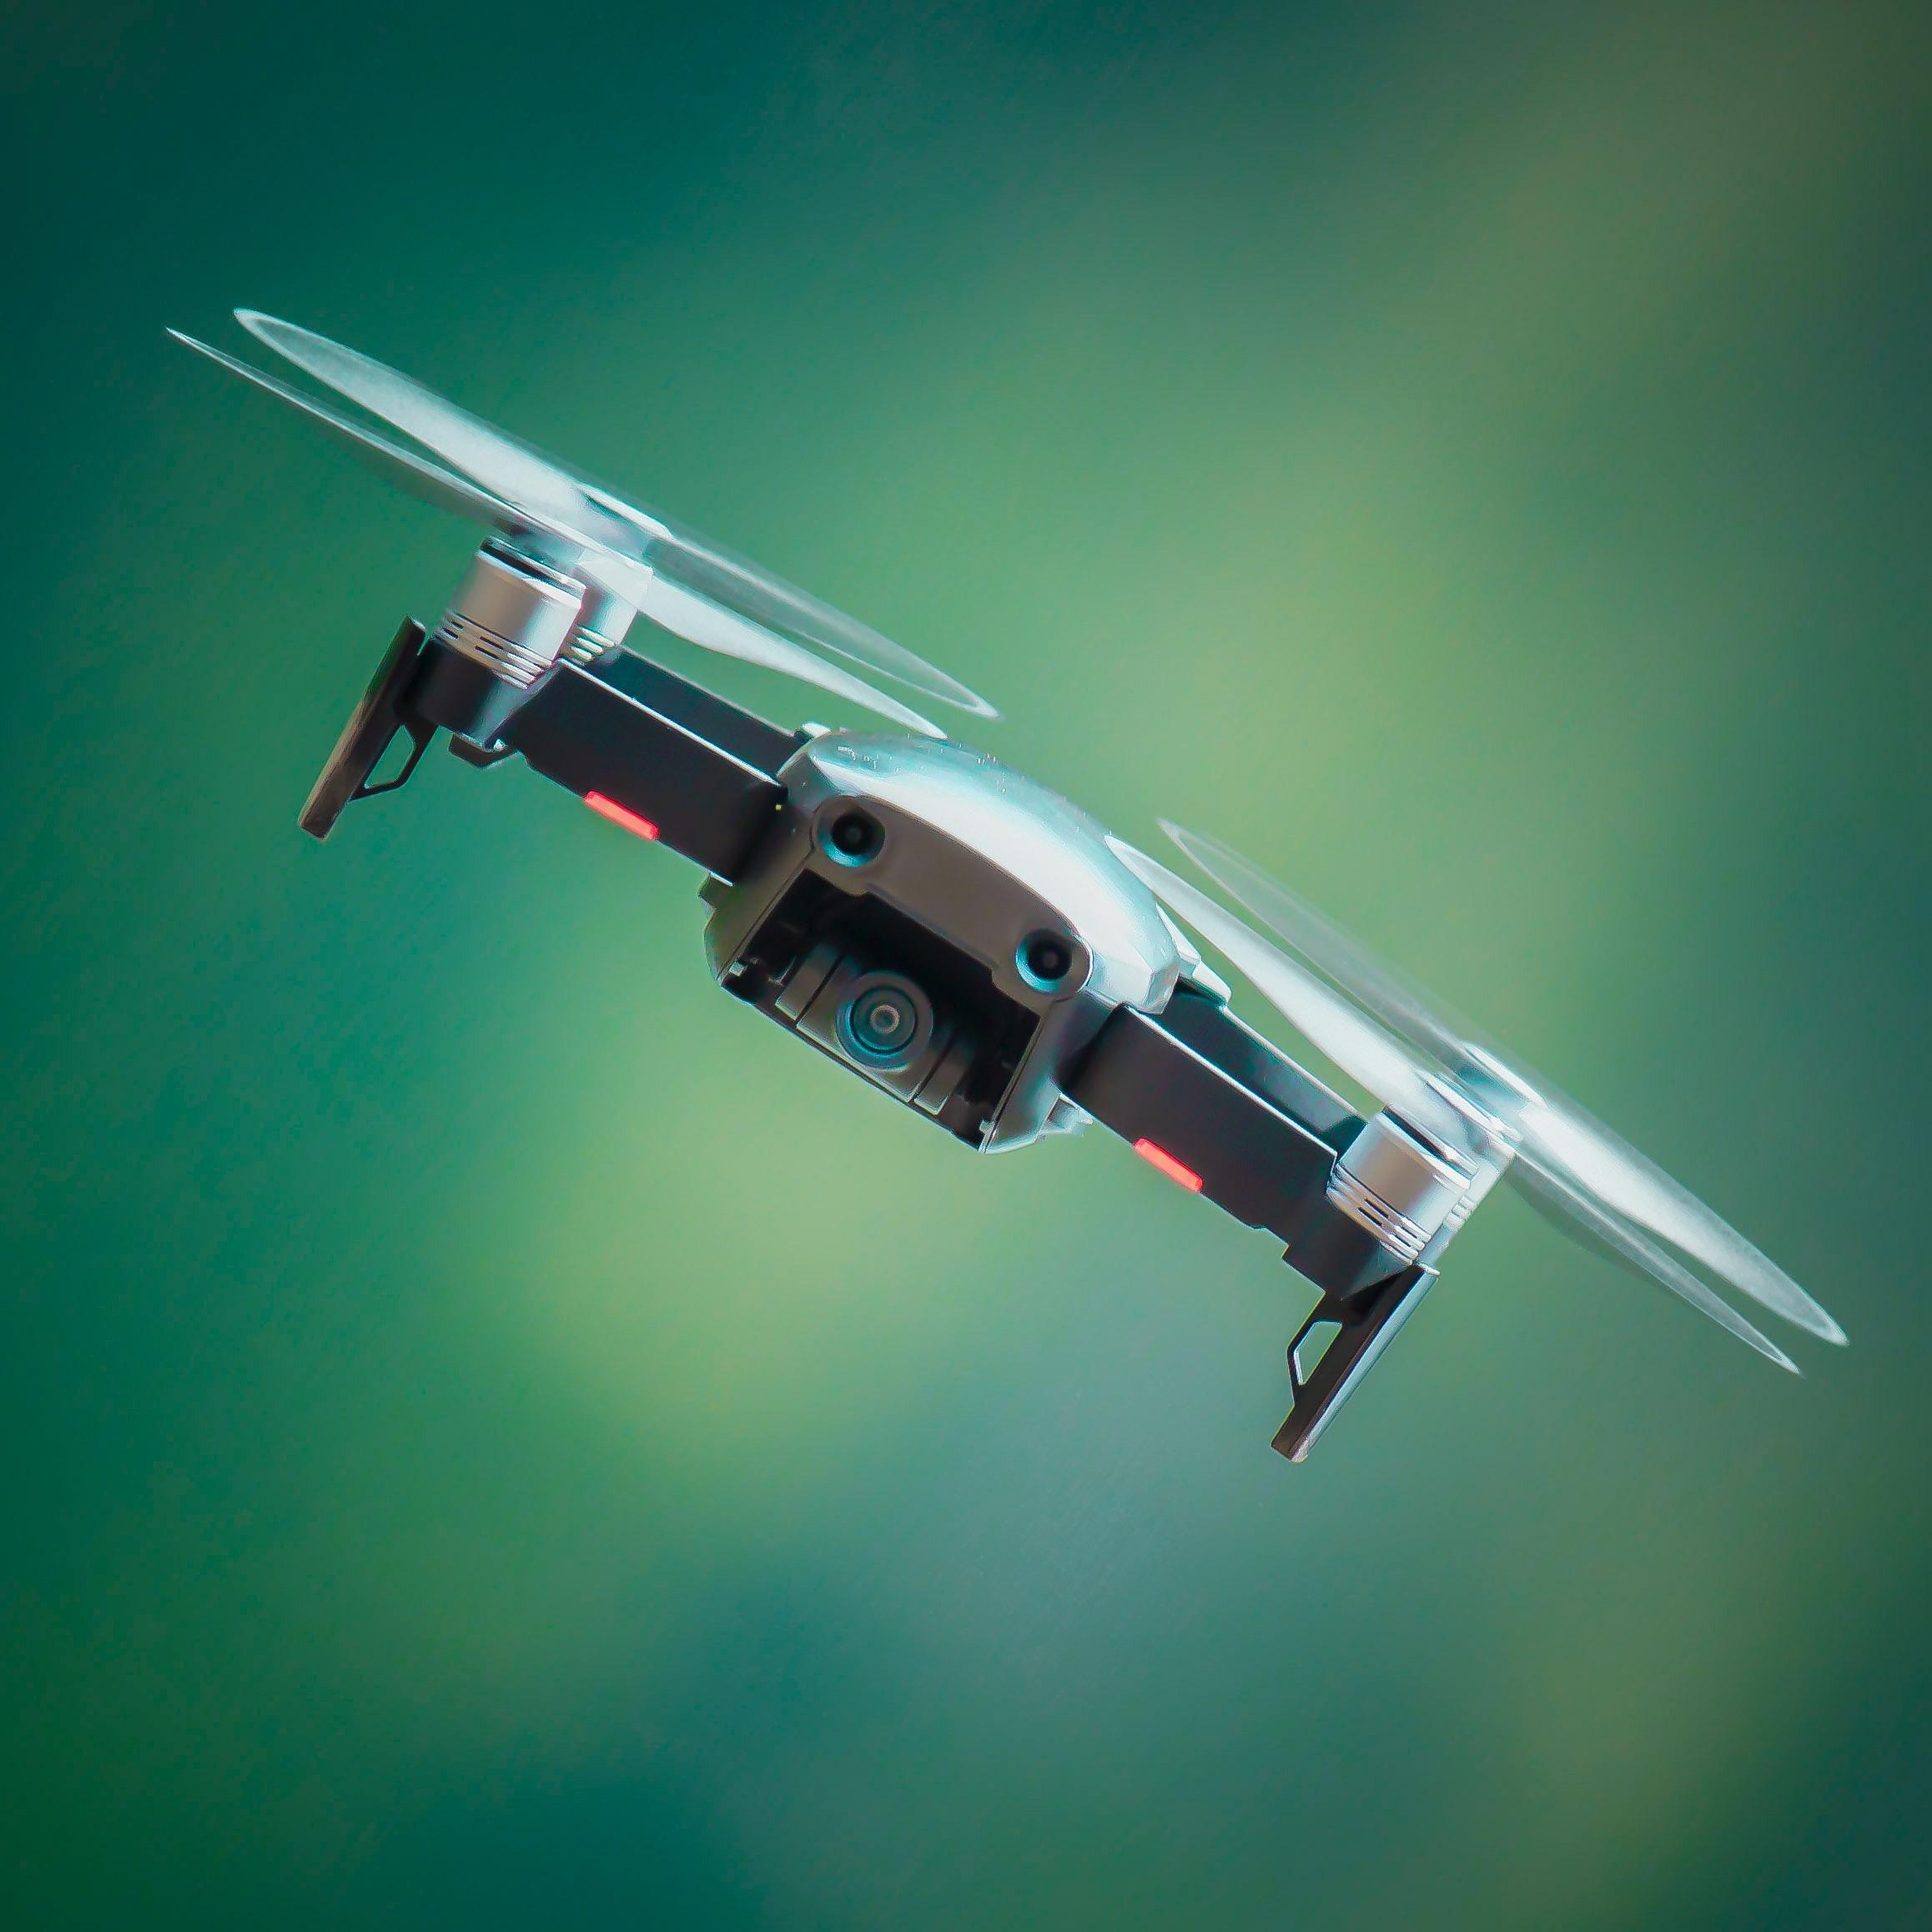 Na jaką wysokość latają drony?